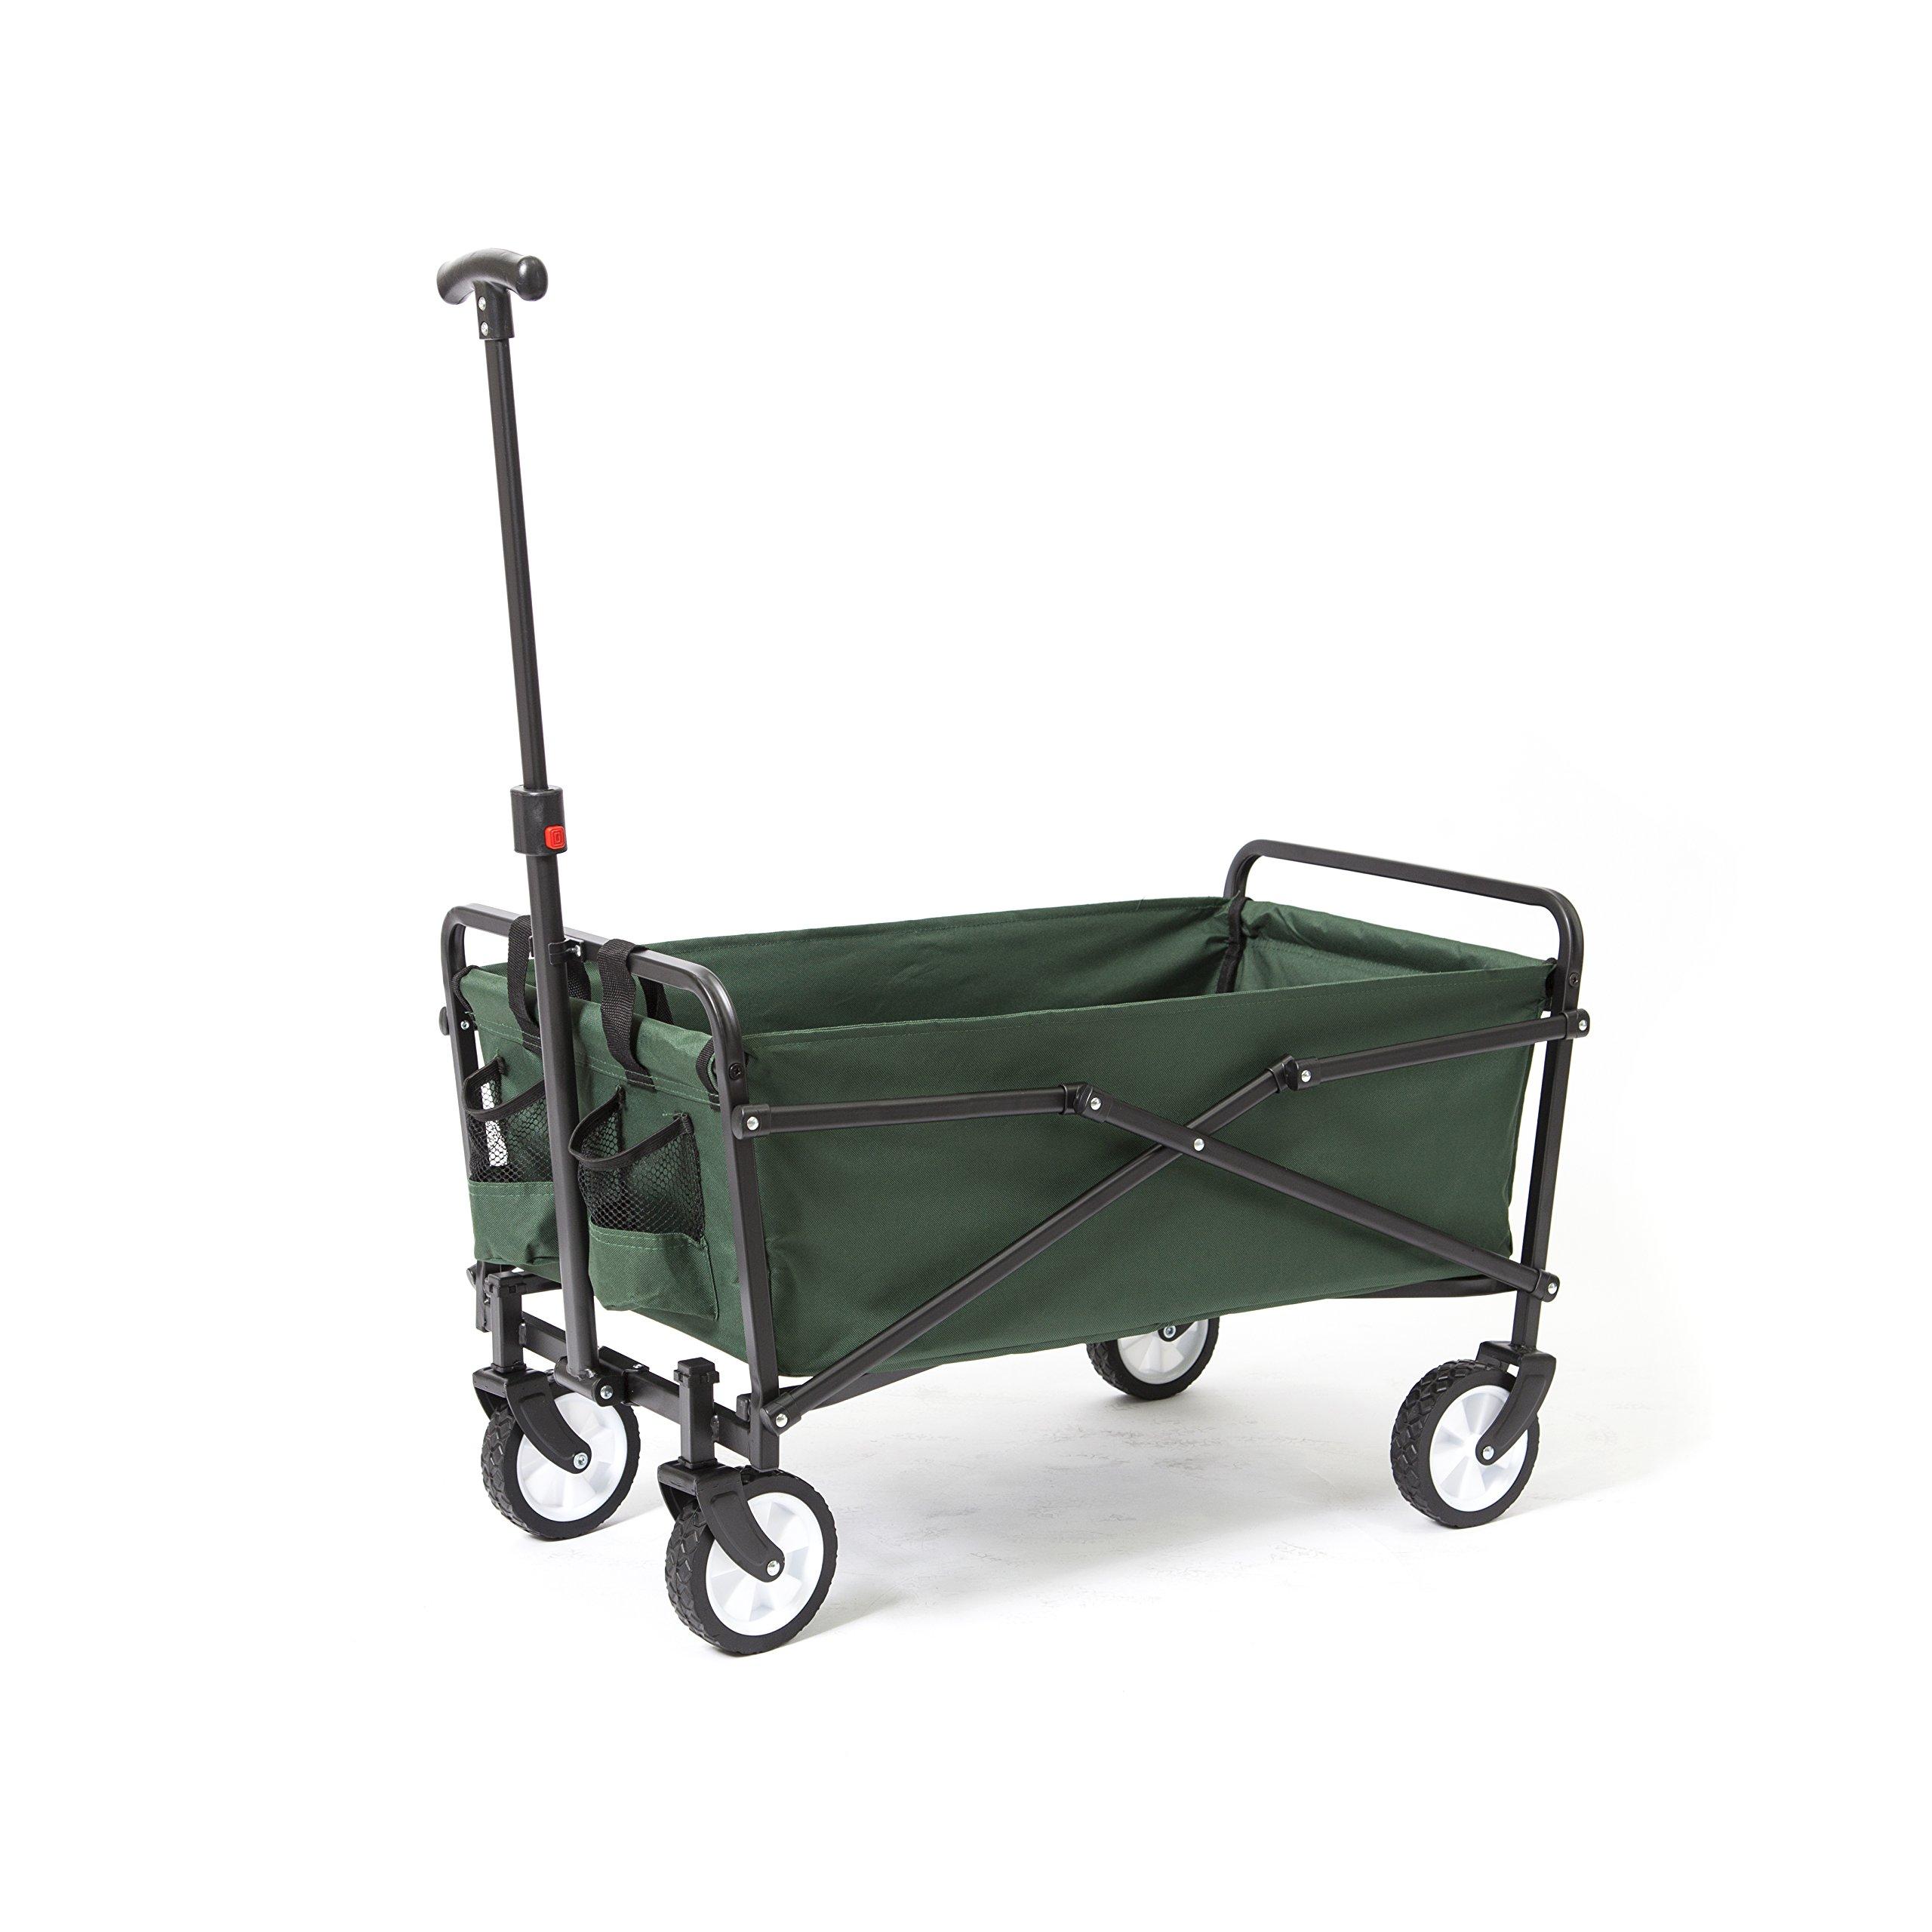 YSC Wagon Garden Folding Utility Shopping Cart,Beach (Green) by YSC (Image #4)